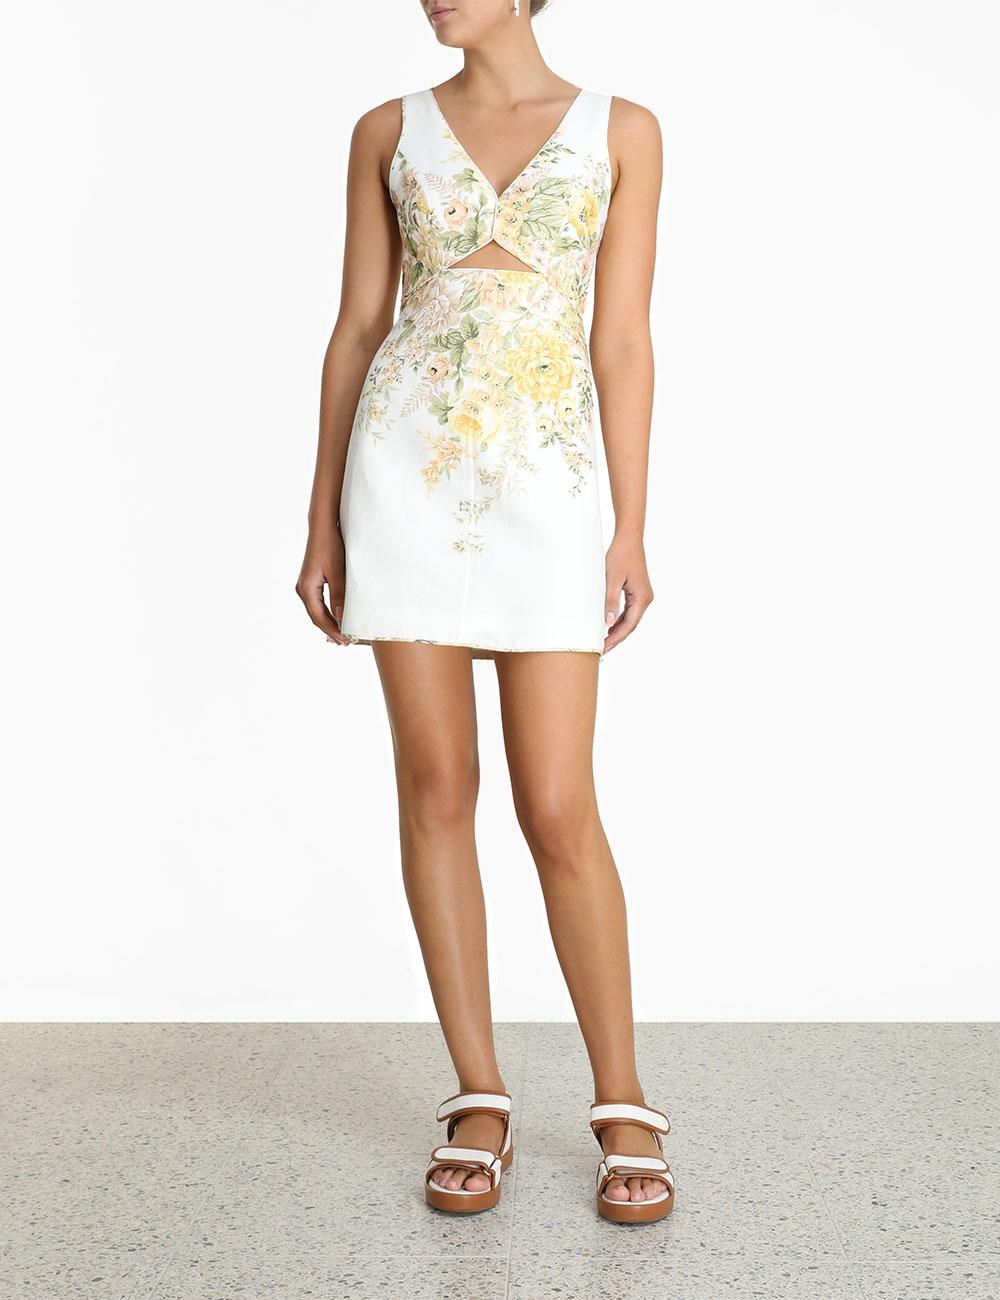 Amelie Cut Out Short Dress